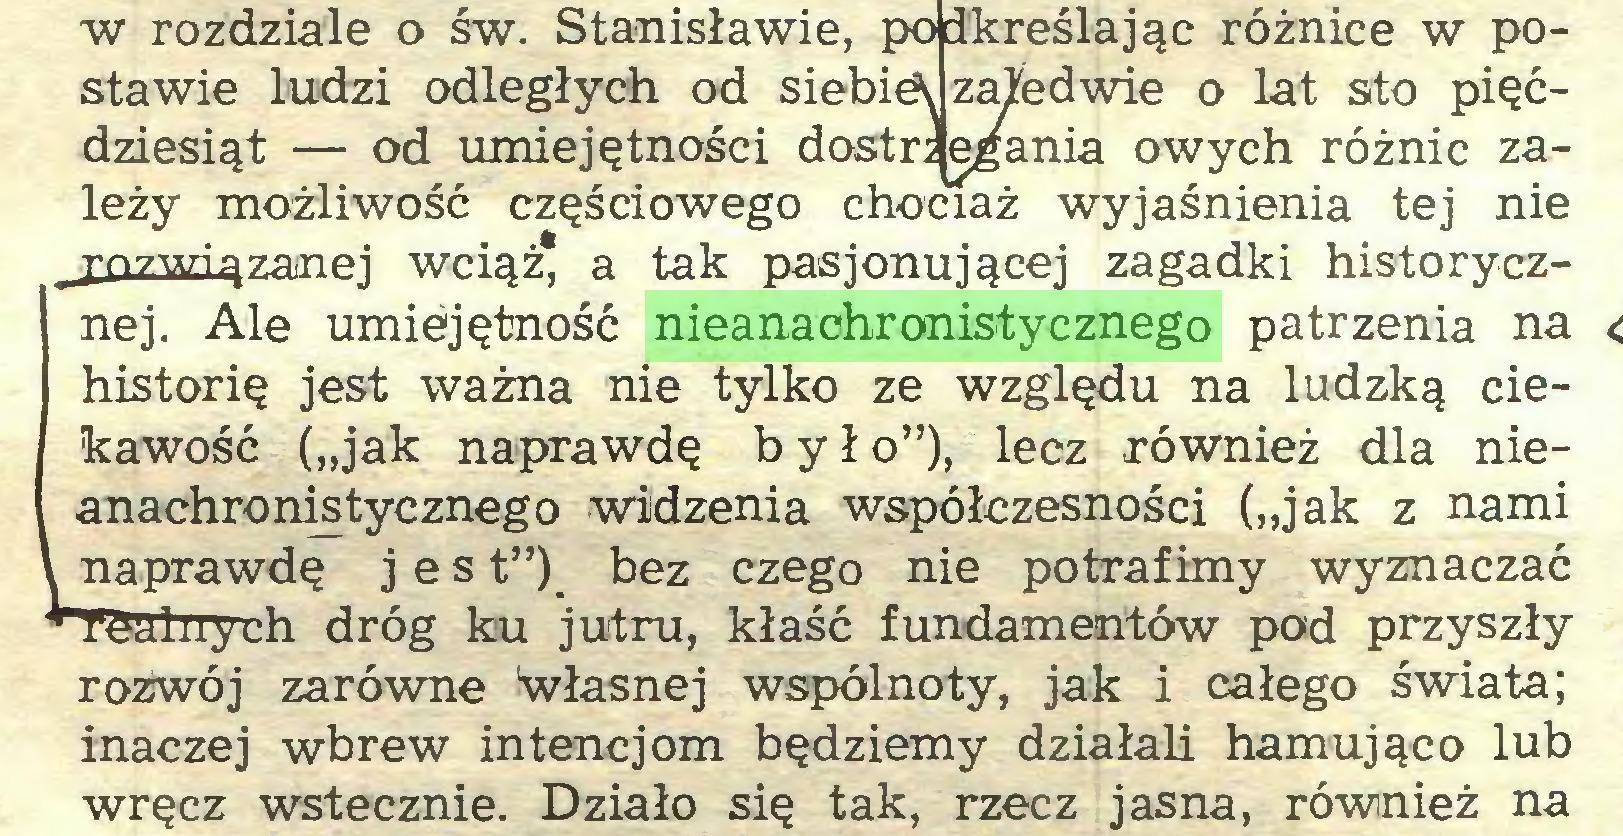 """(...) w rozdziale o św. Stanisławie, podkreślając różnice w postawie ludzi odległych od siebie^ zaledwie o lat sto pięćdziesiąt — od umiejętności dostr; egania owych różnic zależy możliwość częściowego chociaż wyjaśnienia tej nie _£Ozmązanej wciąż, a tak pasjonującej zagadki historycznej. Ale umiejętność nieanachronistycznego patrzenia na historię jest ważna nie tylko ze względu na ludzką ciekawość (""""jak naprawdę było""""), lecz również dla nieanachronistycznego widzenia współczesności (""""jak z nami l naprawdę j e s t"""") bez czego nie potrafimy wyznaczać Hr^alnych dróg ku jutru, kłaść fundamentów pod przyszły rozwój zarówne 'własnej wspólnoty, jak i całego świata; inaczej wbrew intencjom będziemy działali hamująco lub wręcz wstecznie. Działo się tak, rzecz jasna, również na..."""